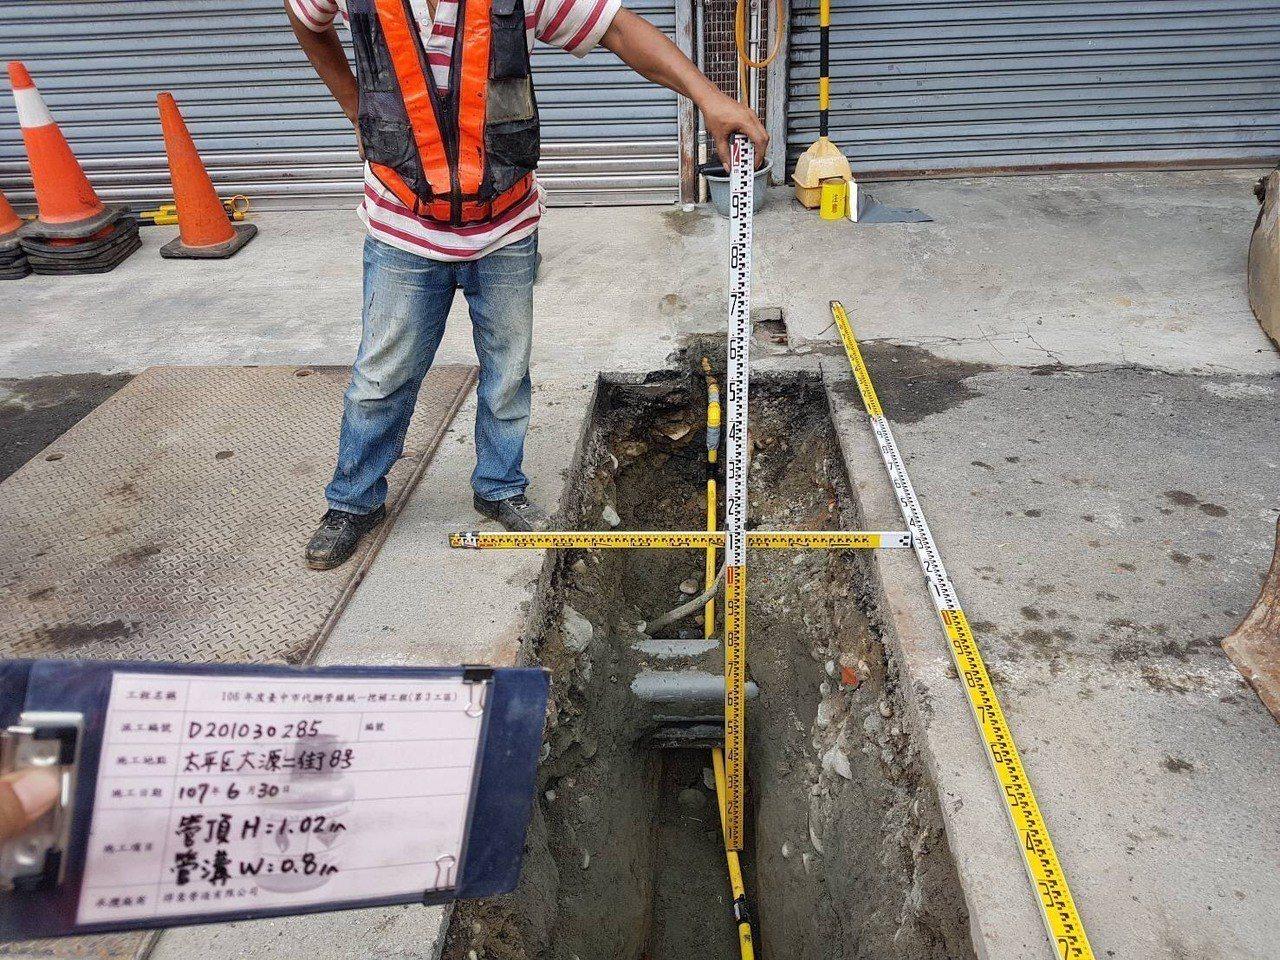 台中市建置3D公共管線圖資系統,能掌握各種管線設施分布。 圖/台中市建設局提供